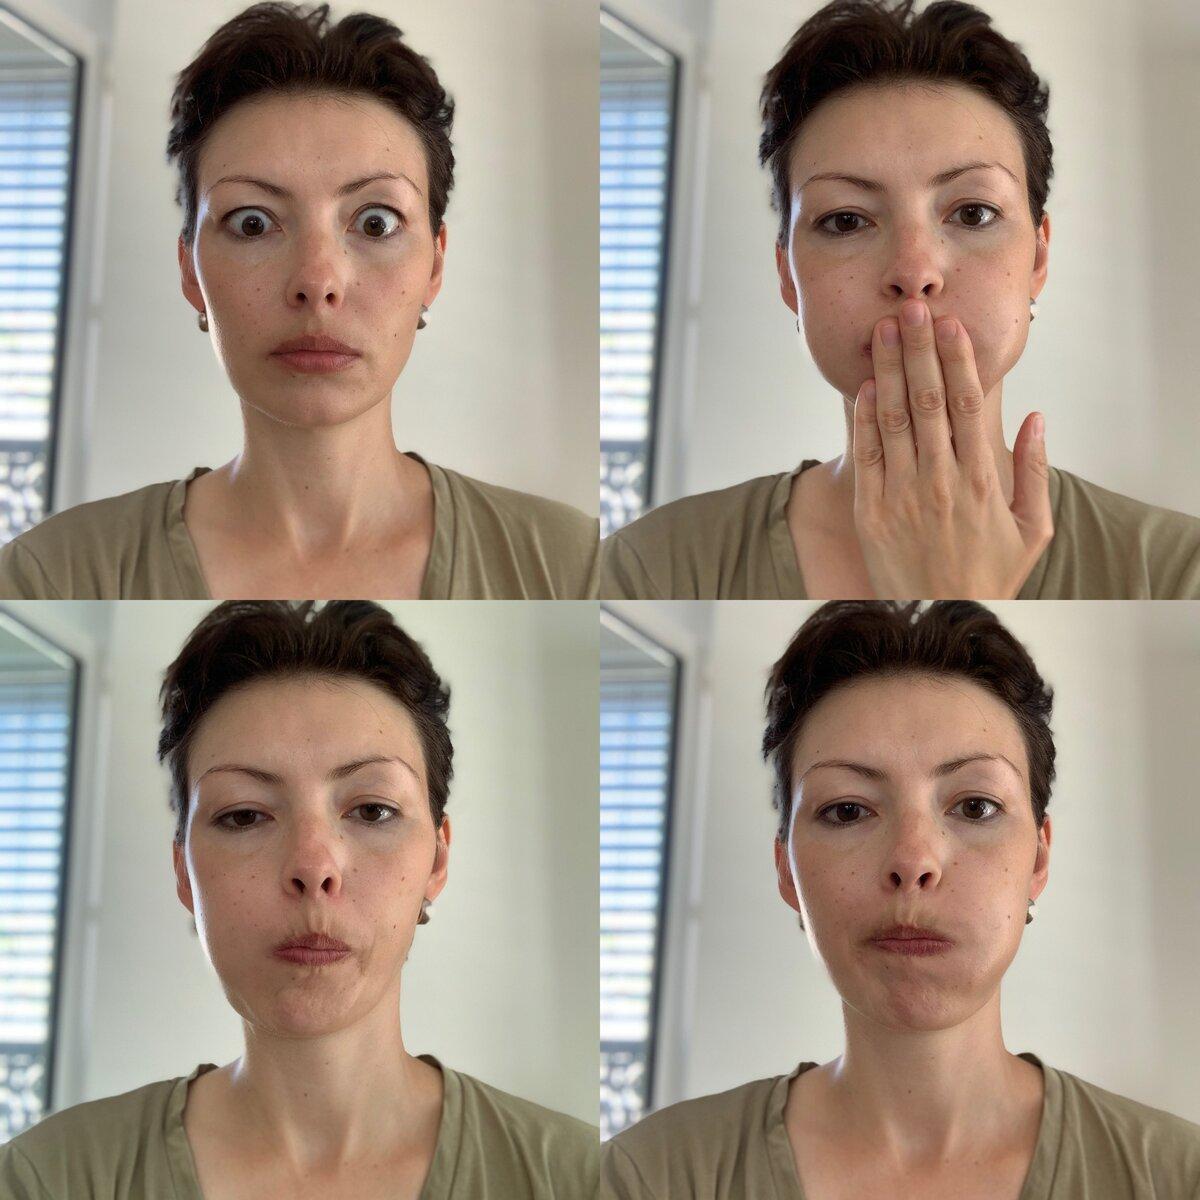 Как убрать щеки и сделать скулы, избавиться от бульдожьих пухлых щечек за 1 день, упражнения для подтяжки лица, отзывы, видео